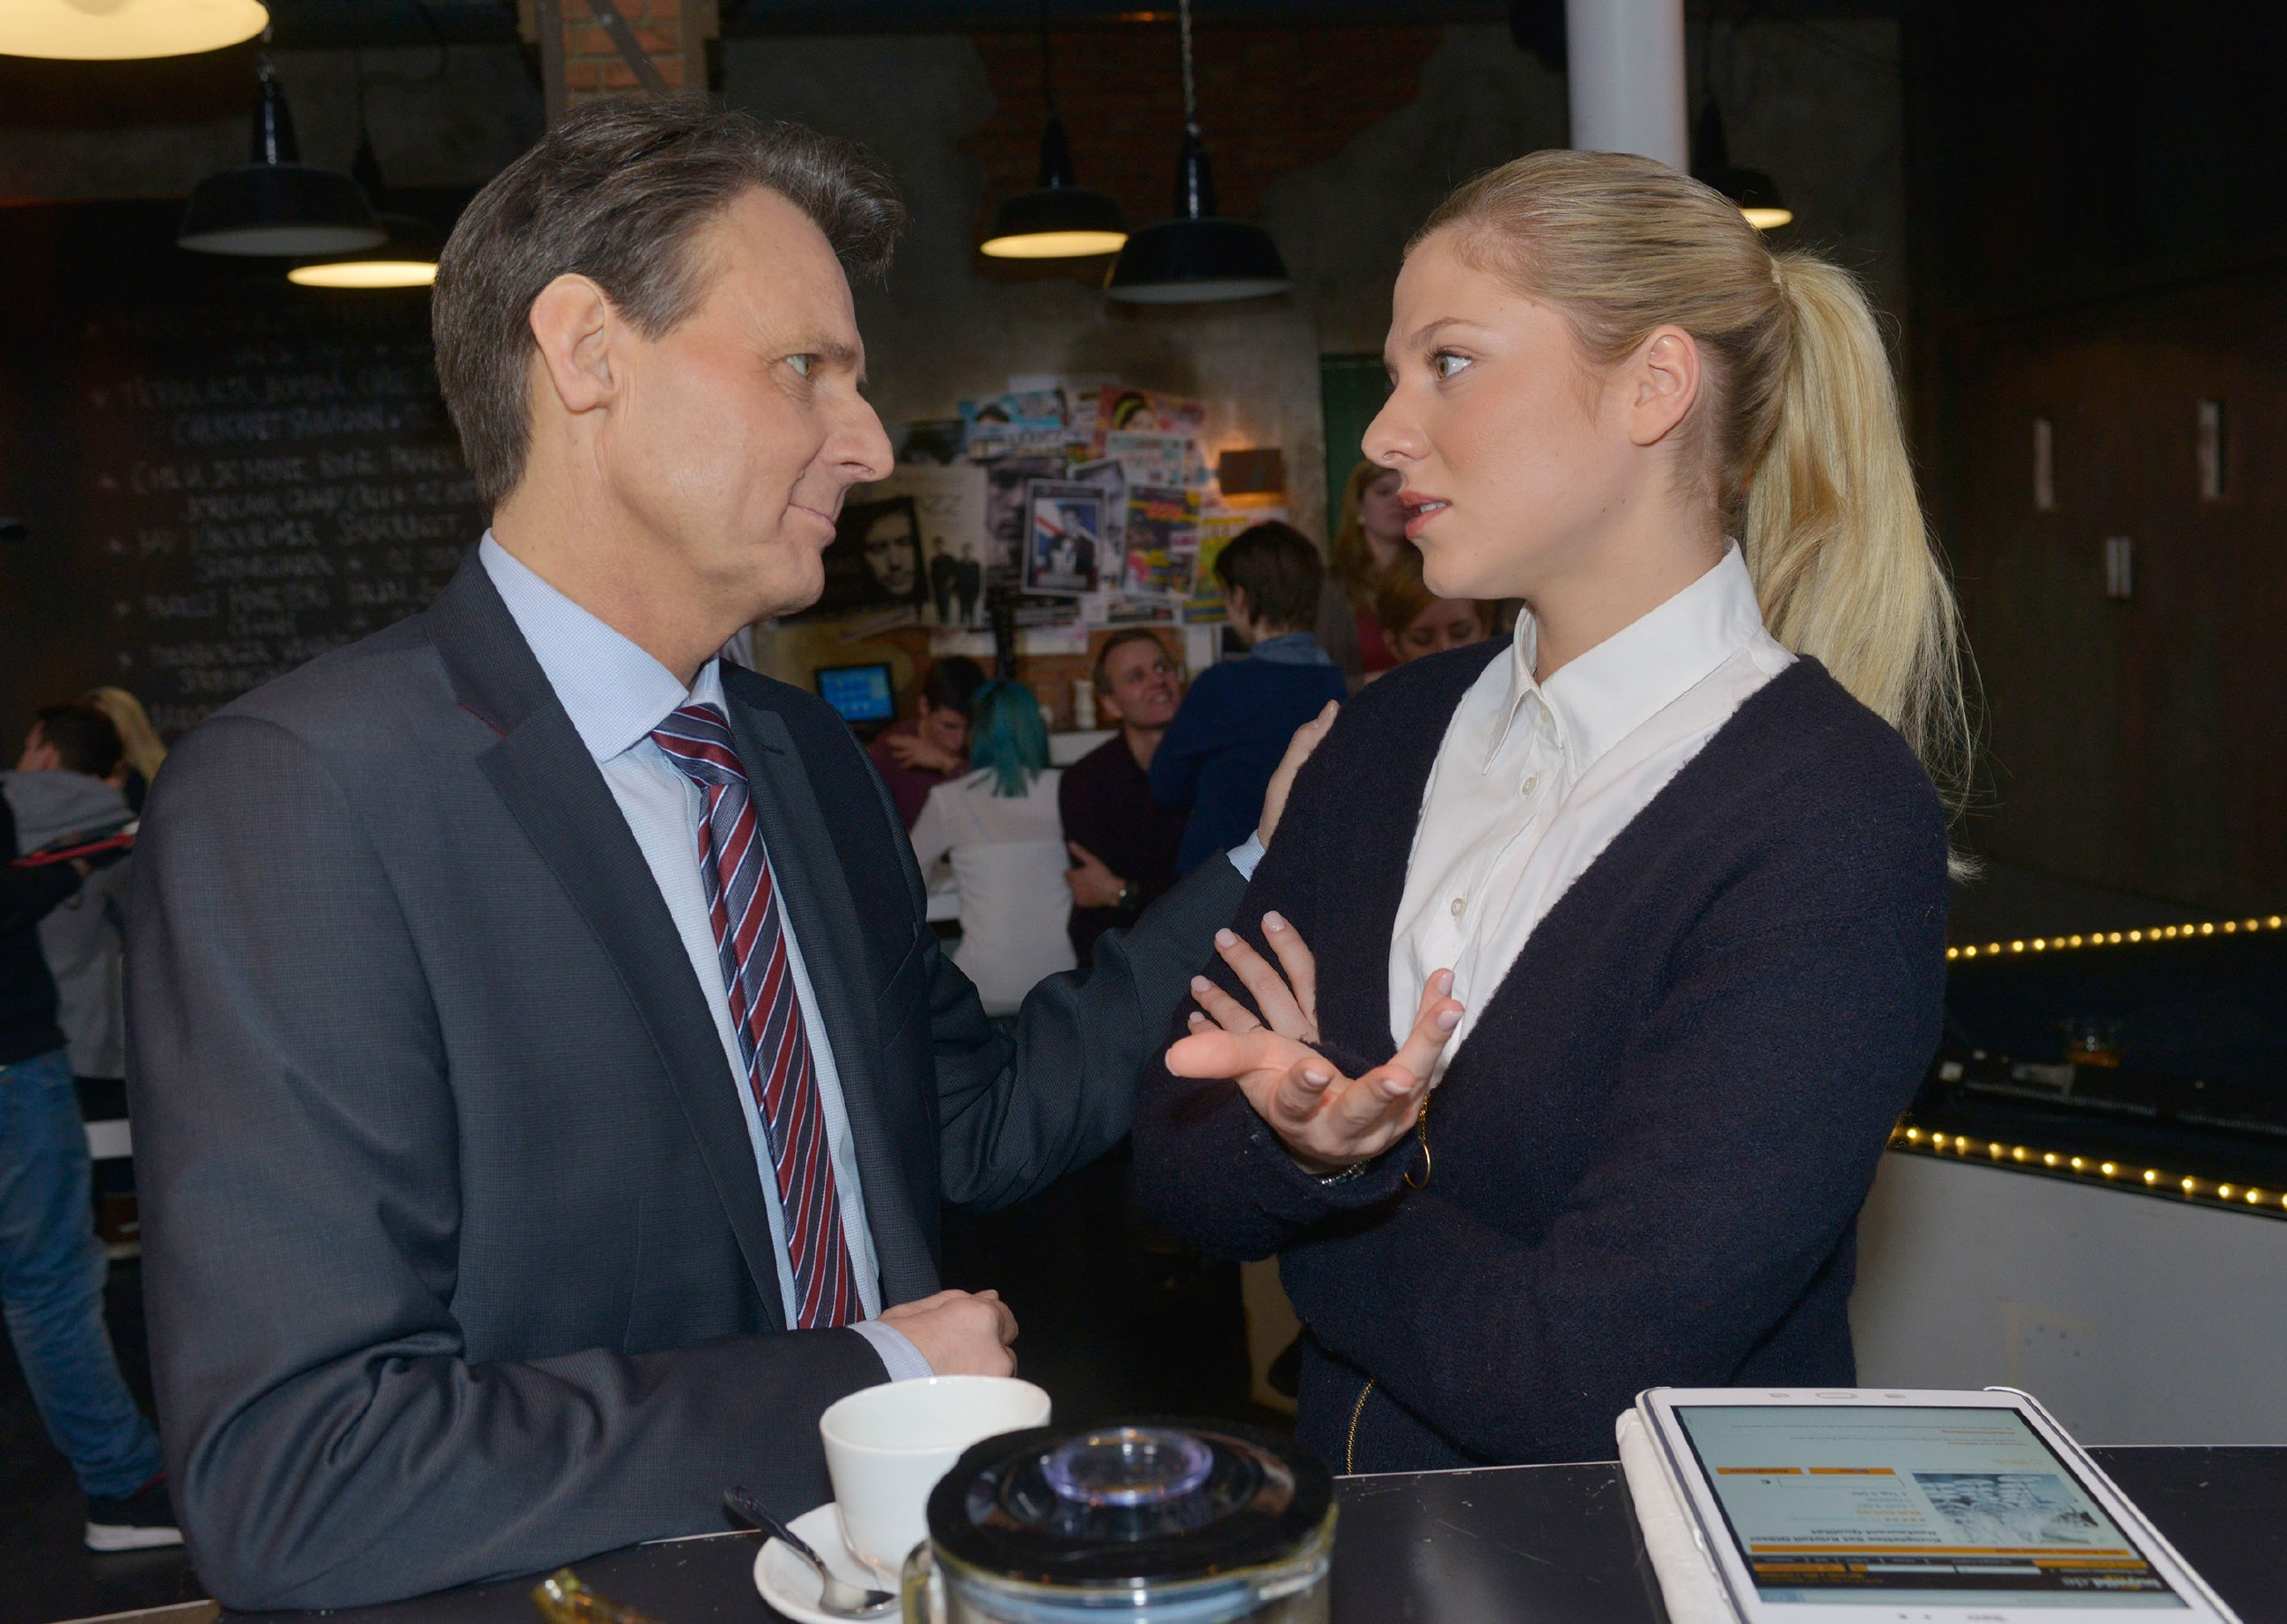 Um Vince zu helfen, bittet Sunny (Valentina Pahde) sogar Gerner (Wolfgang Bahro) um Hilfe. (Quelle: RTL / Rolf Baumgartner)